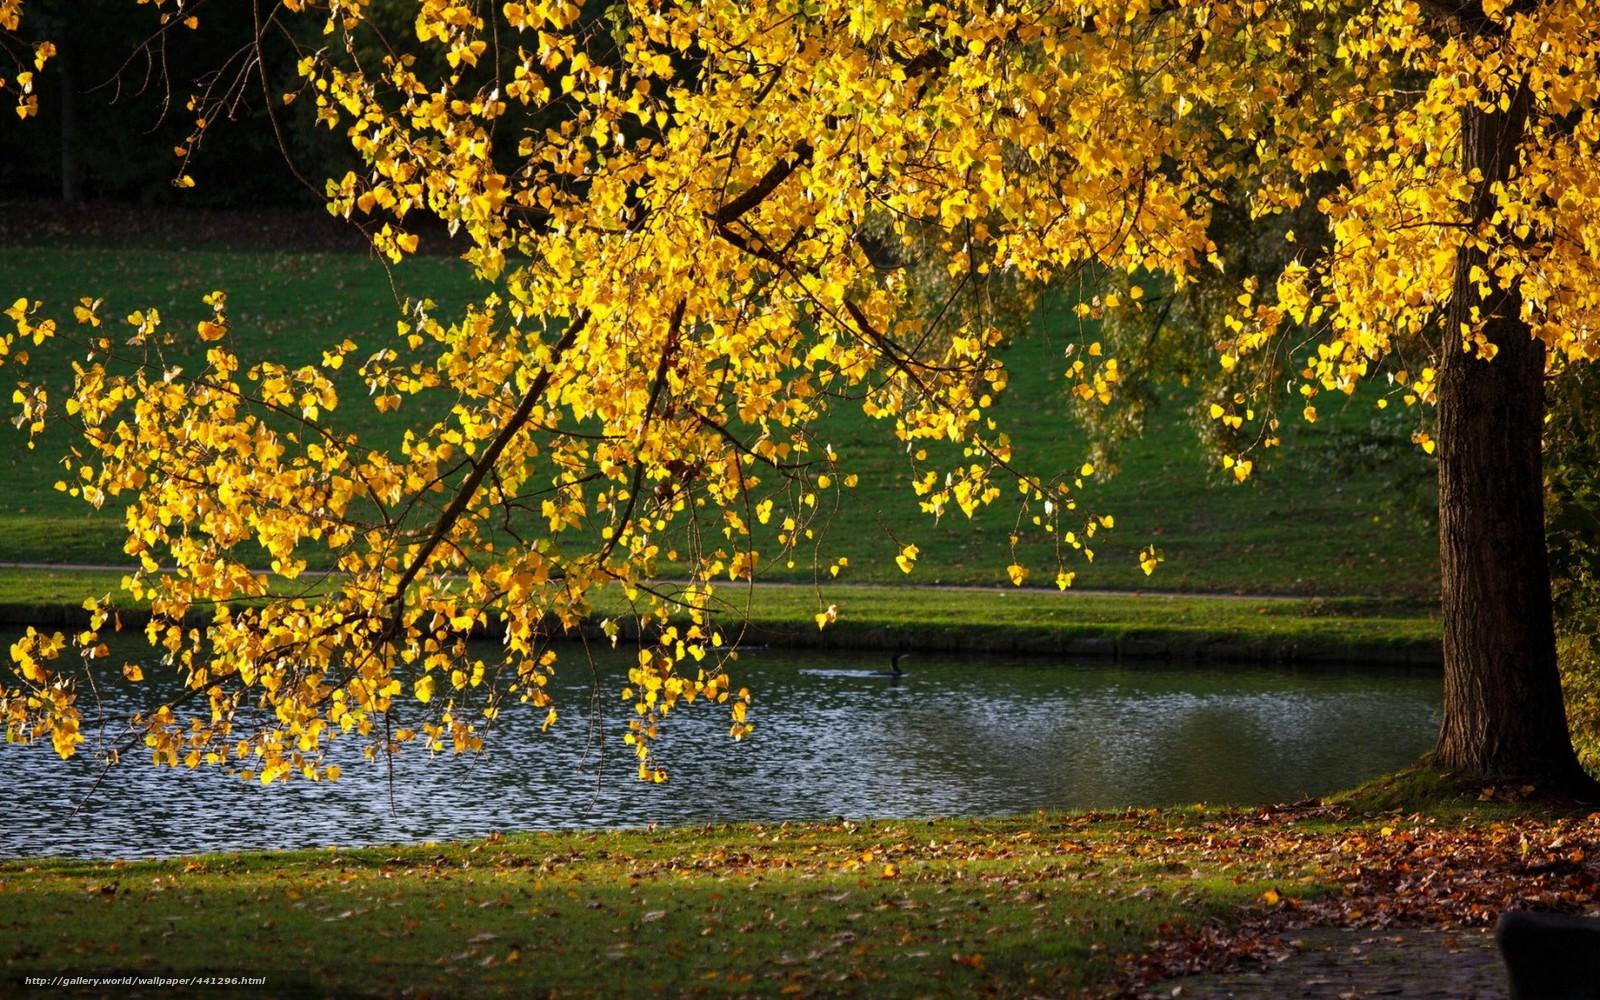 Красивые картинки необычные 36 фото  Прикольные